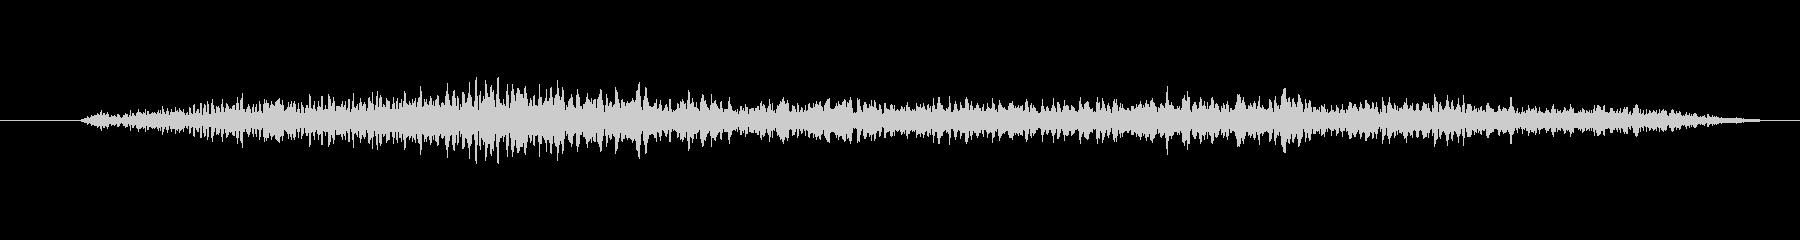 オーガ グラントペインフルショート03の未再生の波形